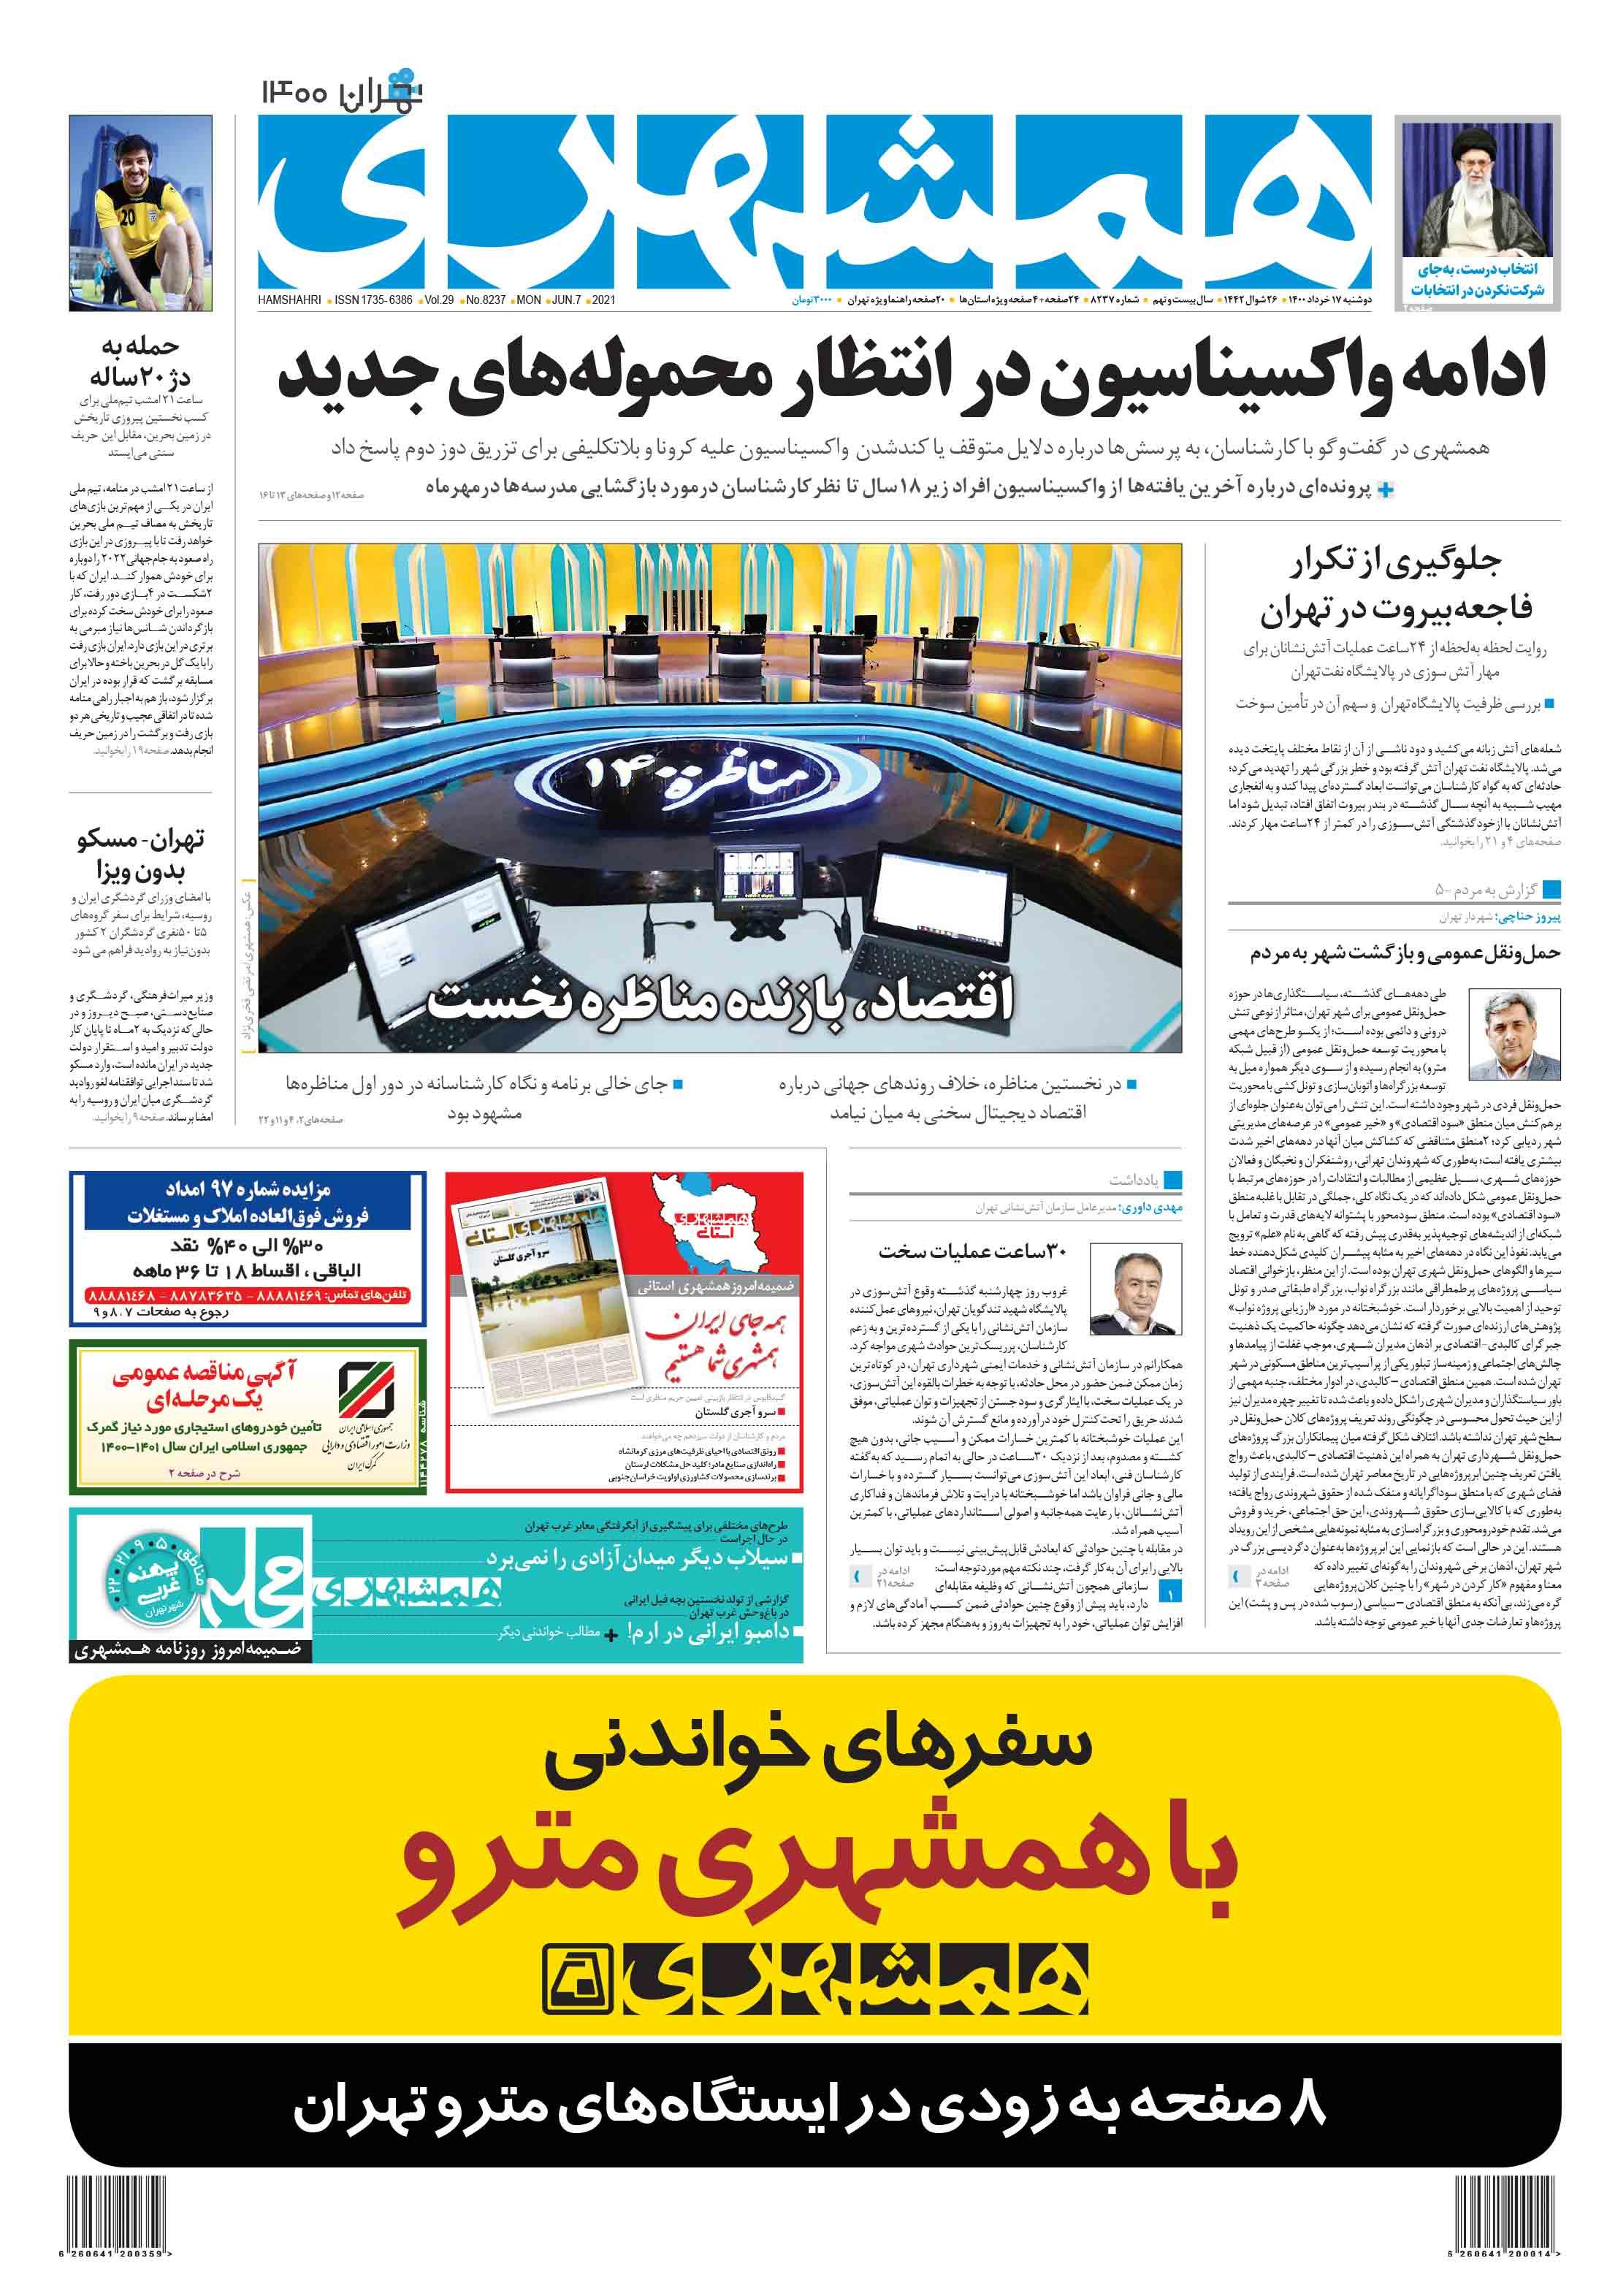 صفحه اول دوشنبه 17 خرداد 1400